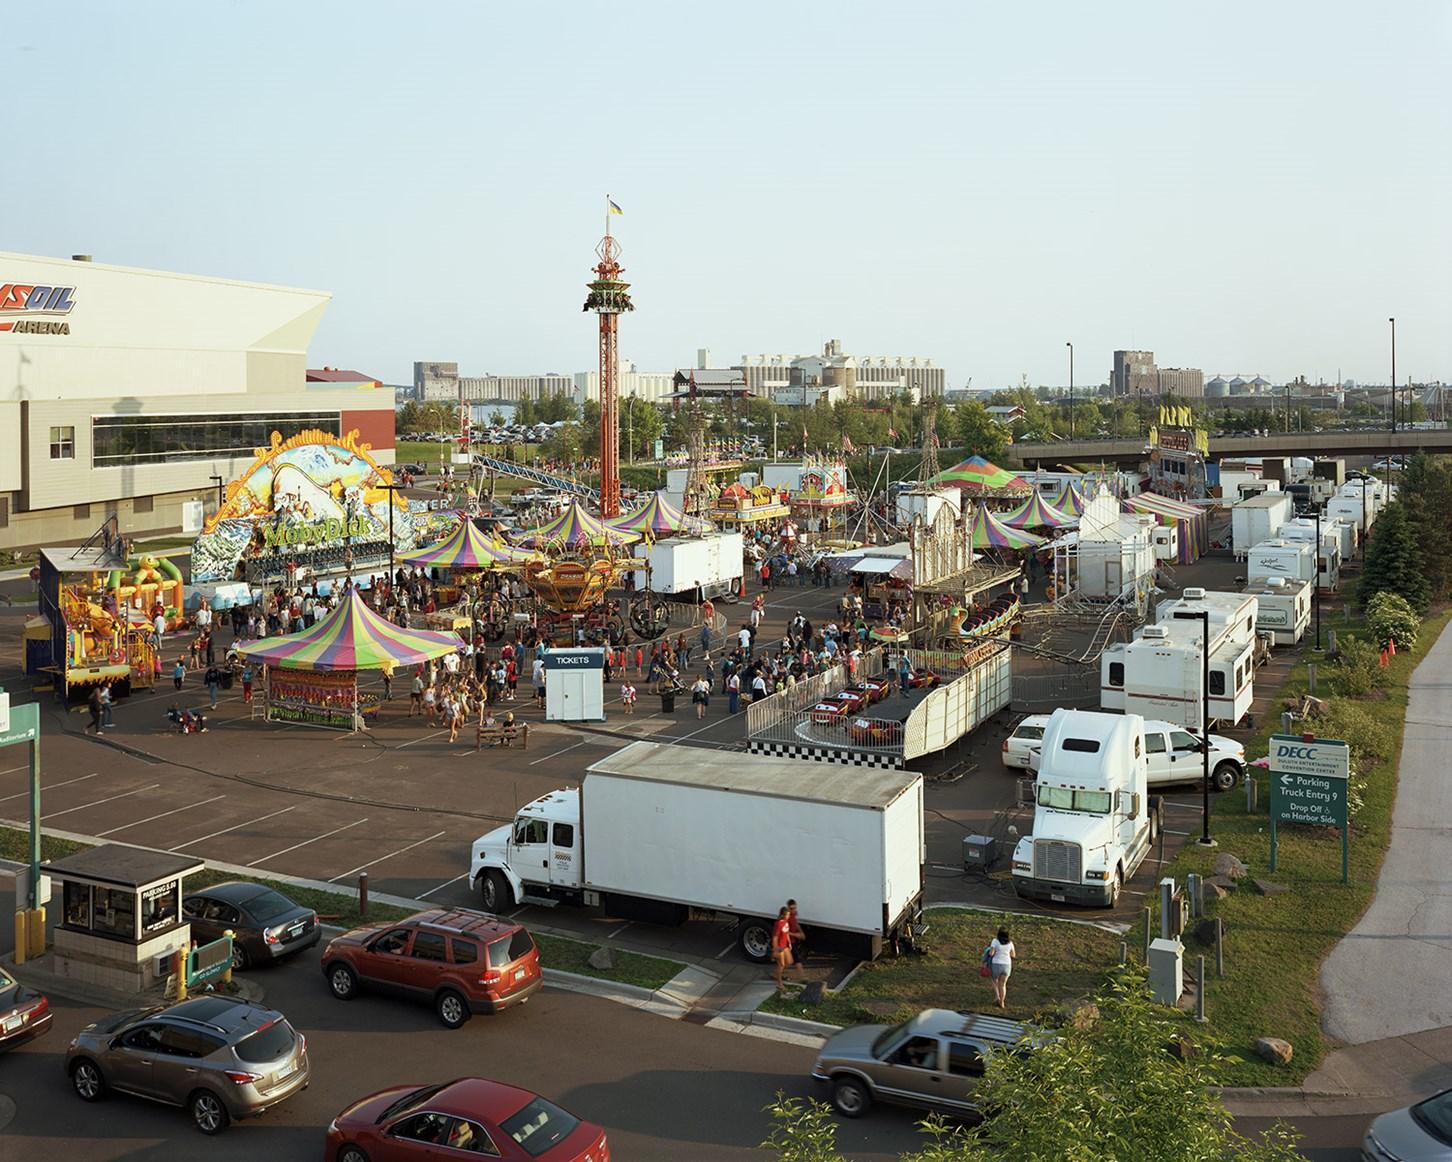 Thomas Carnival, Duluth, Minnesota, July 2013